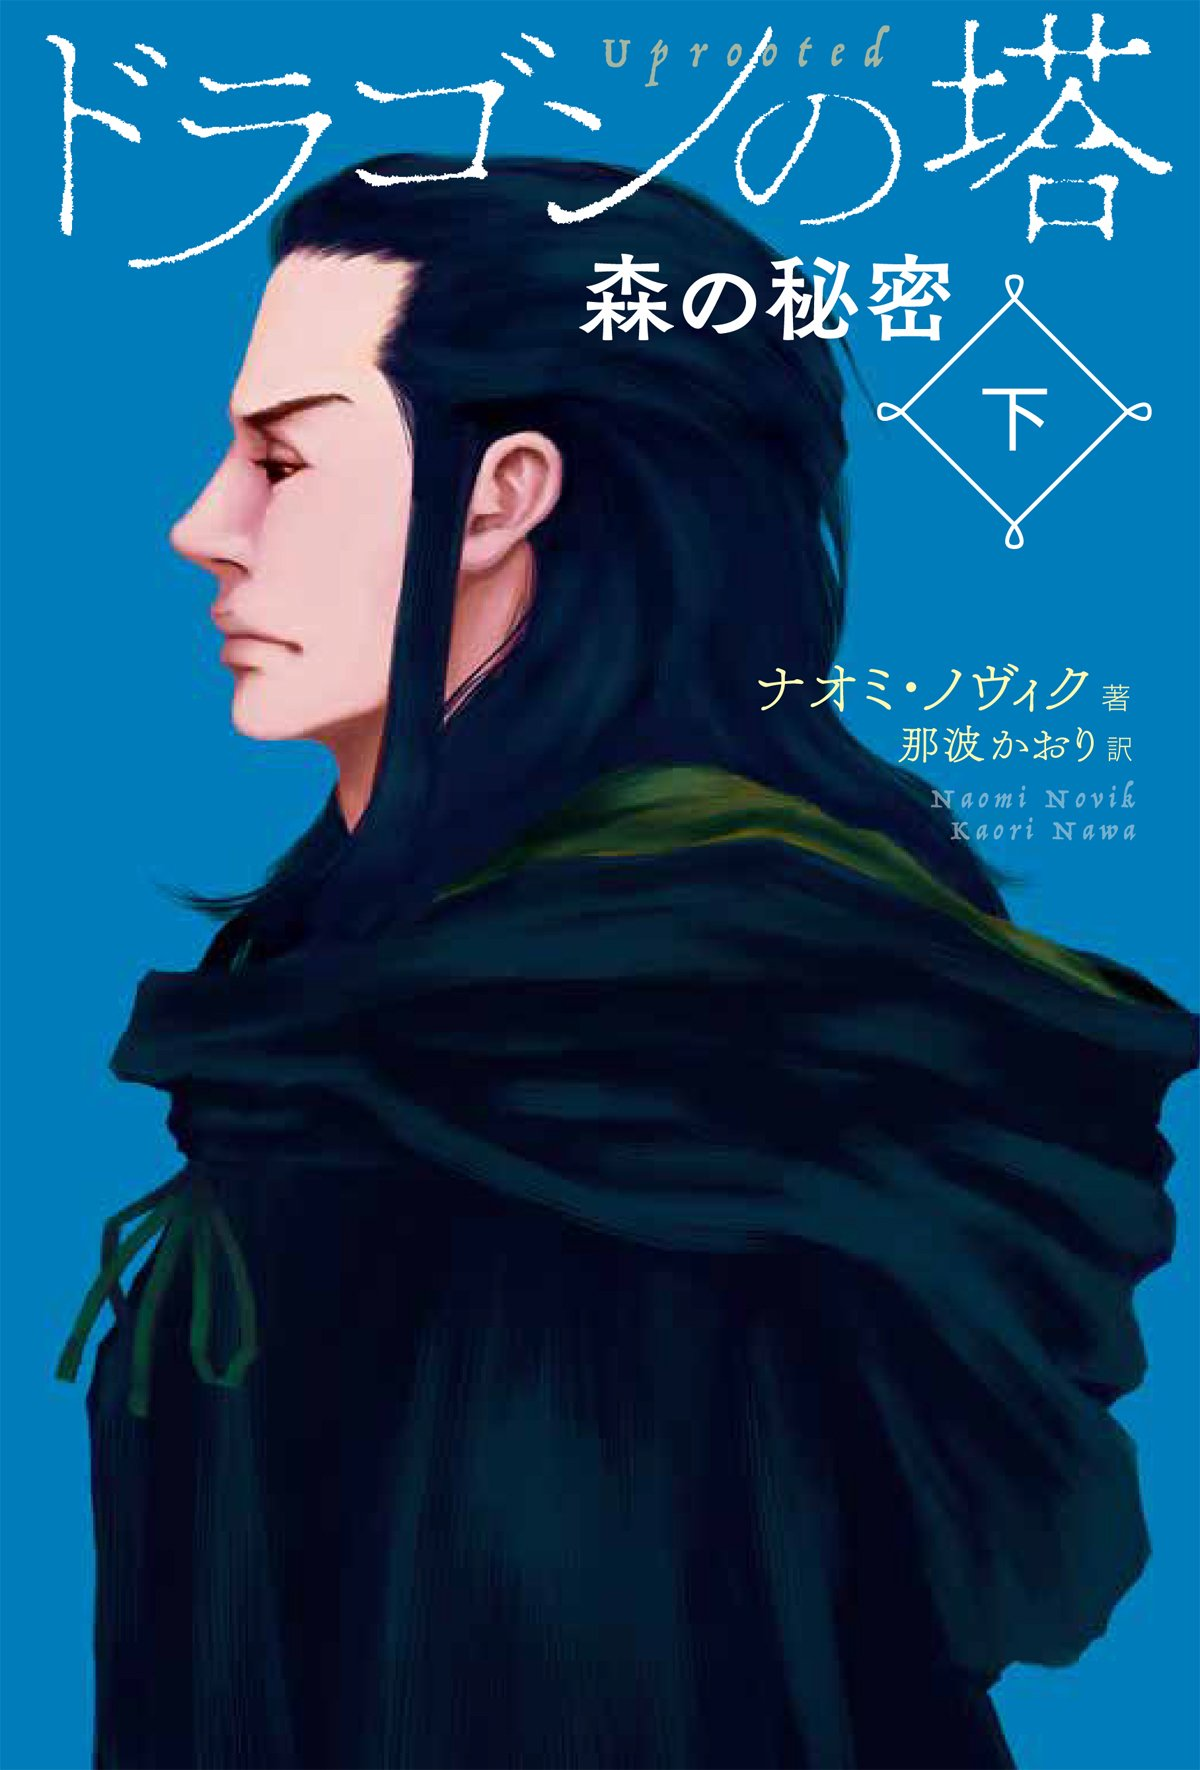 ナオミ・ノヴィク『ドラゴンの塔(下)』(静山社)